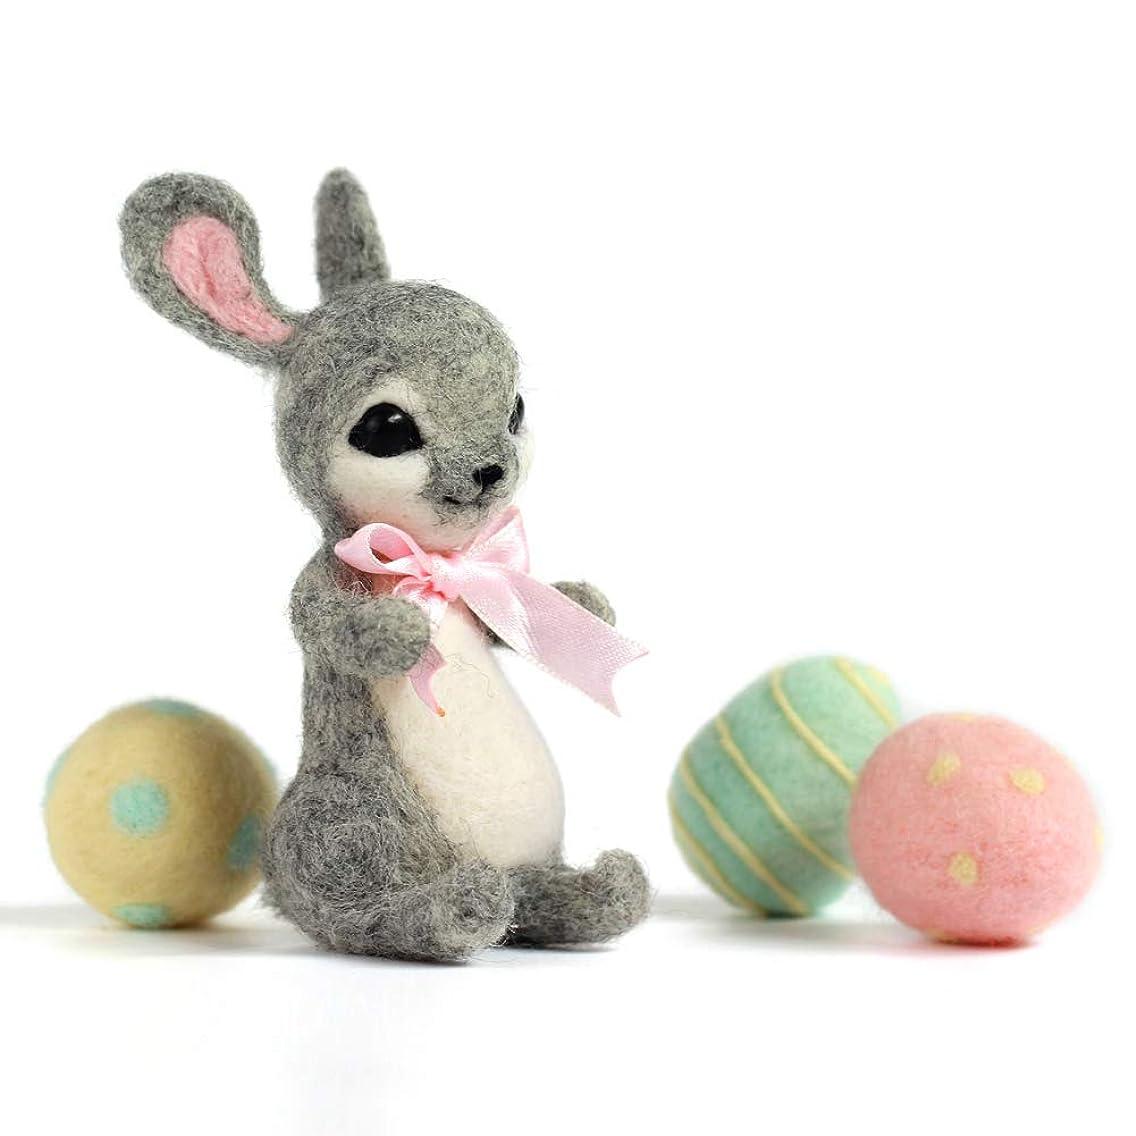 Artec360 Easter Needle Felting Kits Easter Egg Rabbit 70s (19um) Grade Merino Wool - Needles, Finger Guards, High-Density Foam Mat, Instructions (4 Kits)